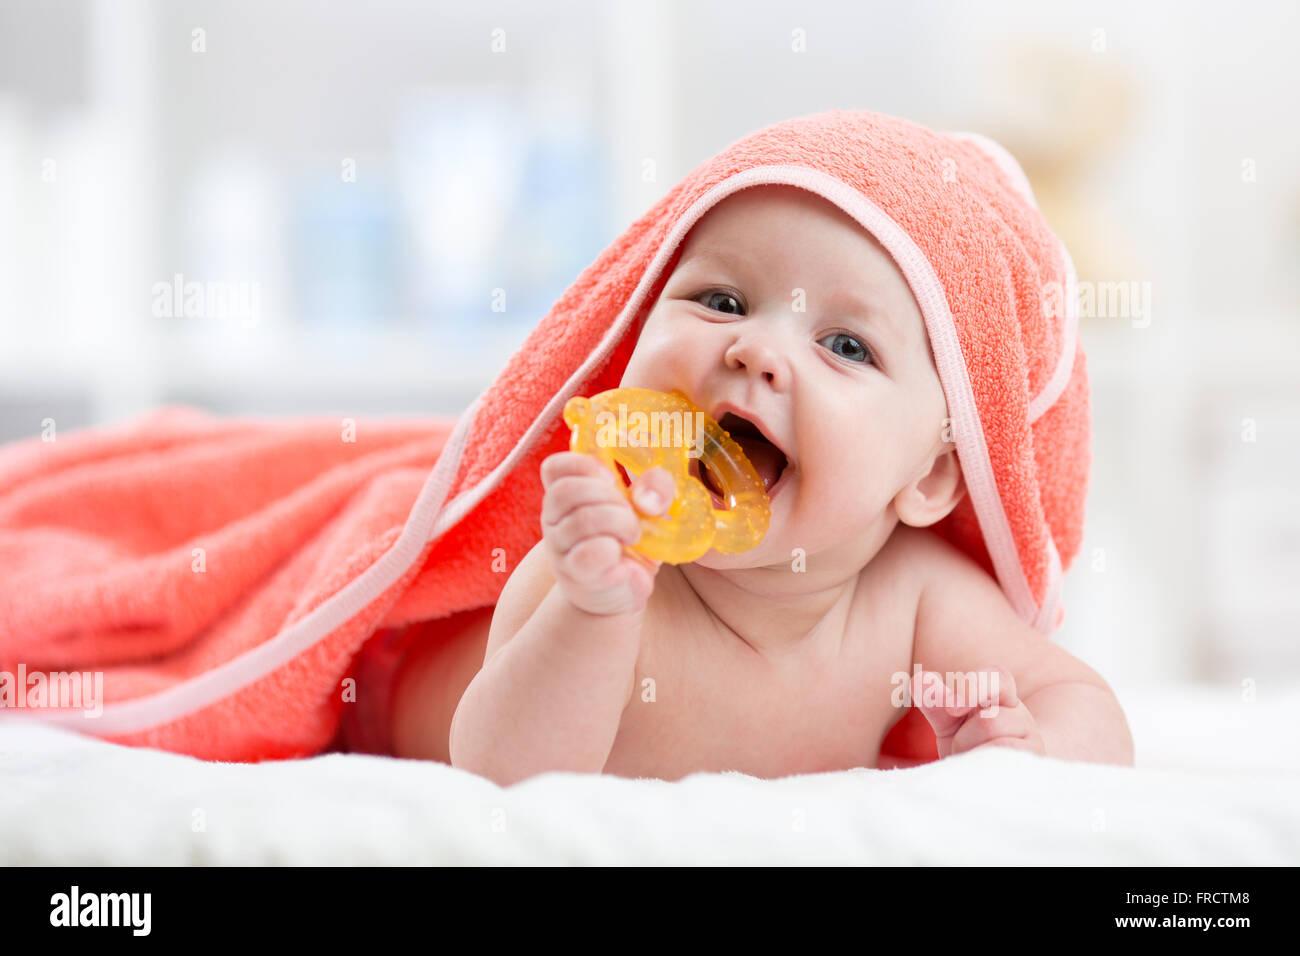 Niedliche Baby mit Beißring unter einem Kapuzentuch nach Bad Stockbild